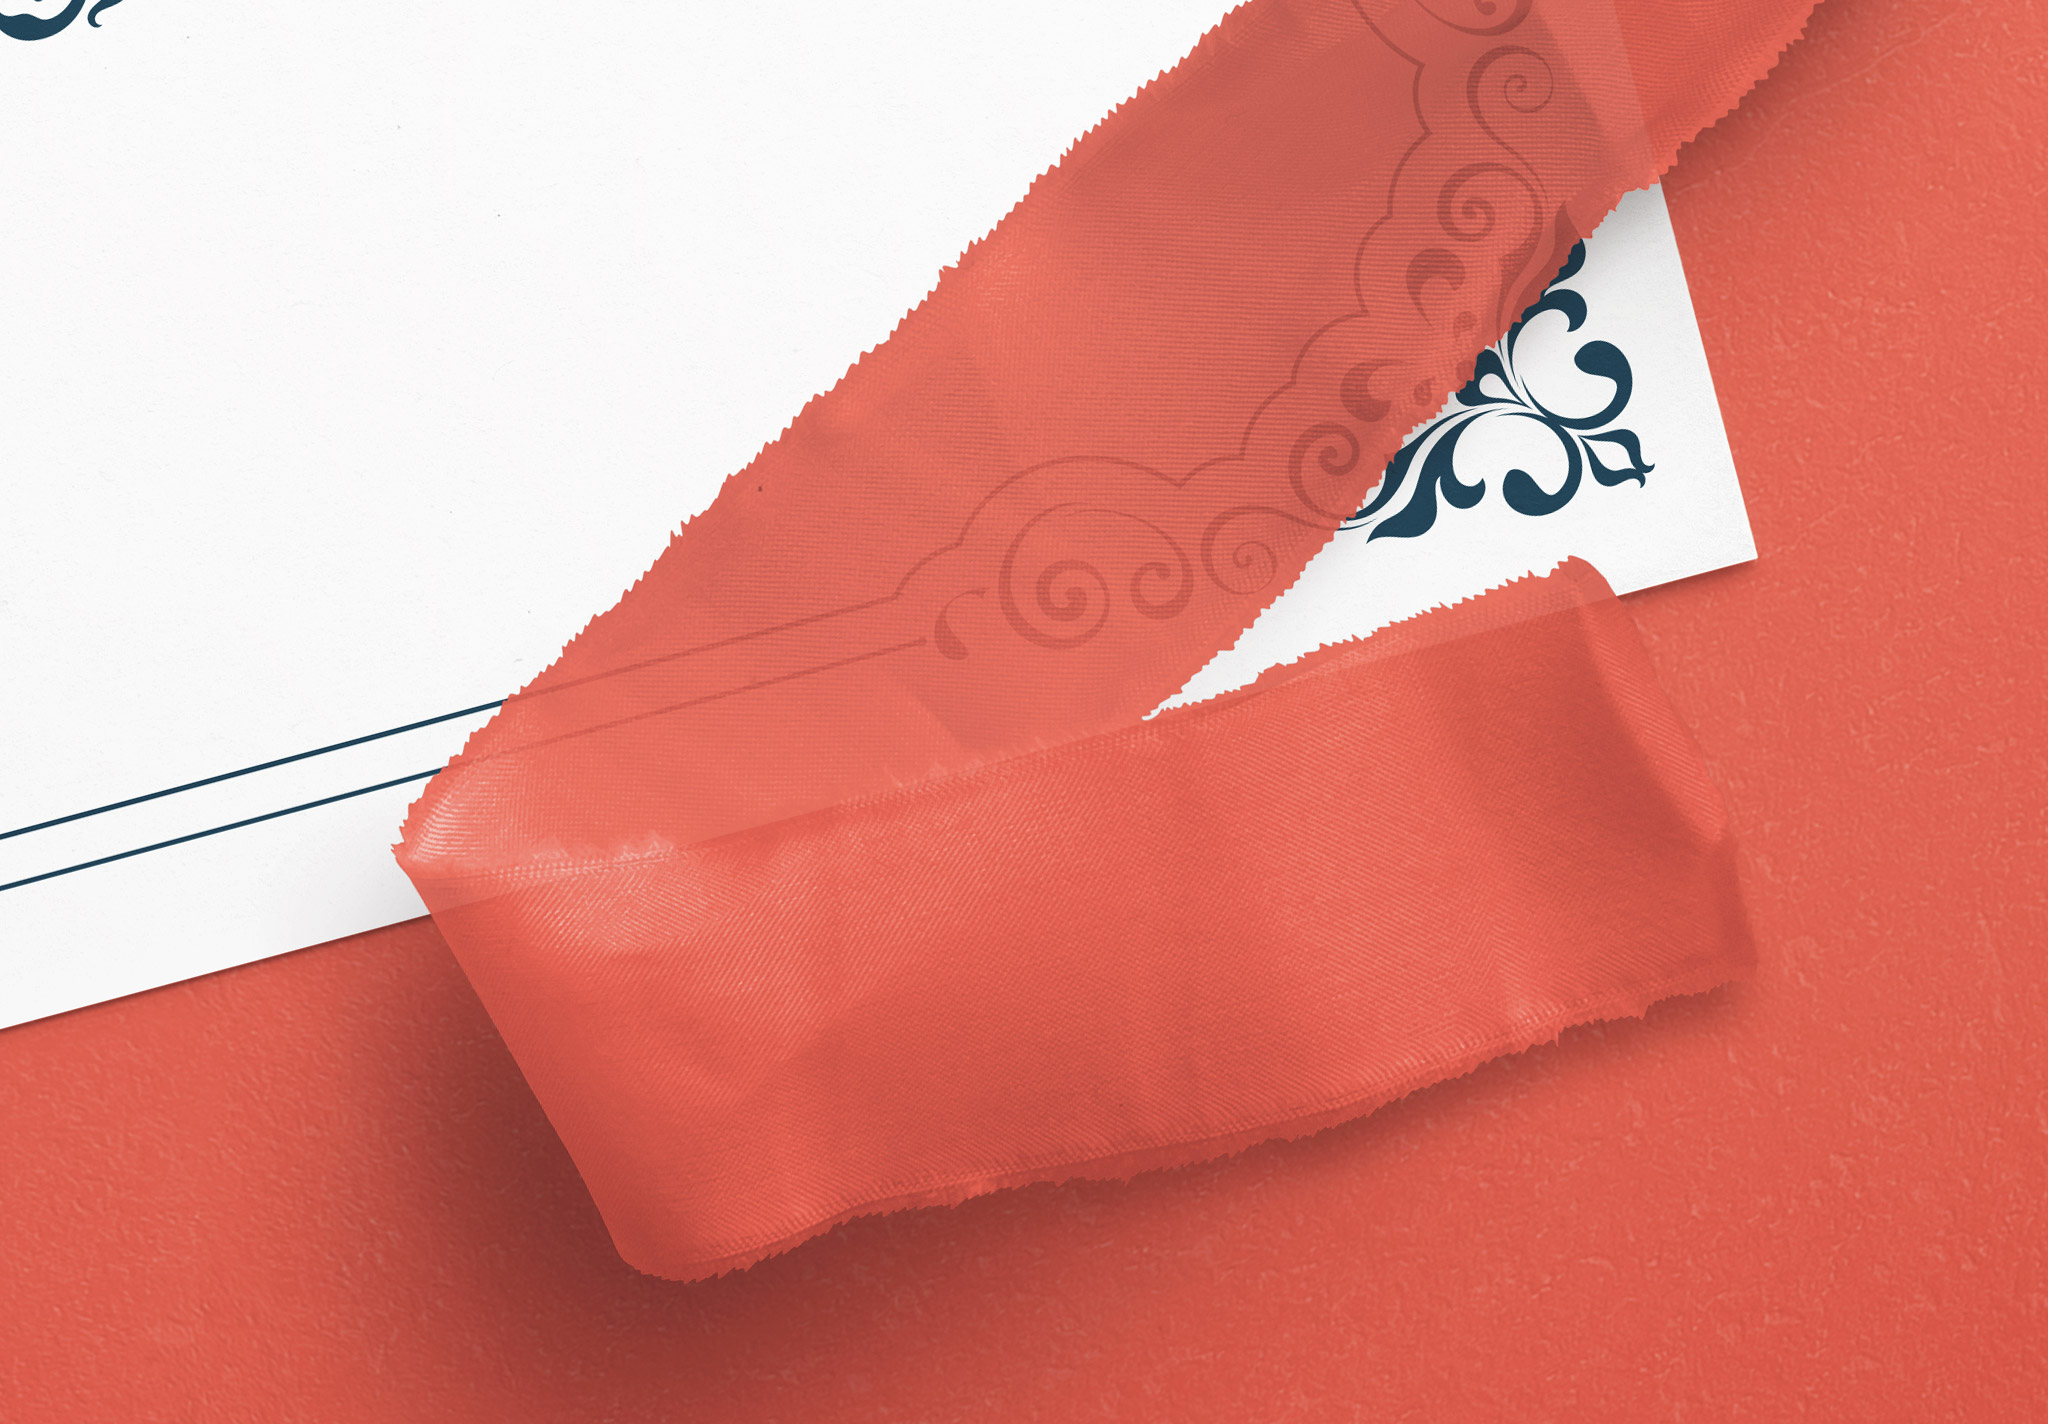 Card With Ribbons Mockup 5 image04